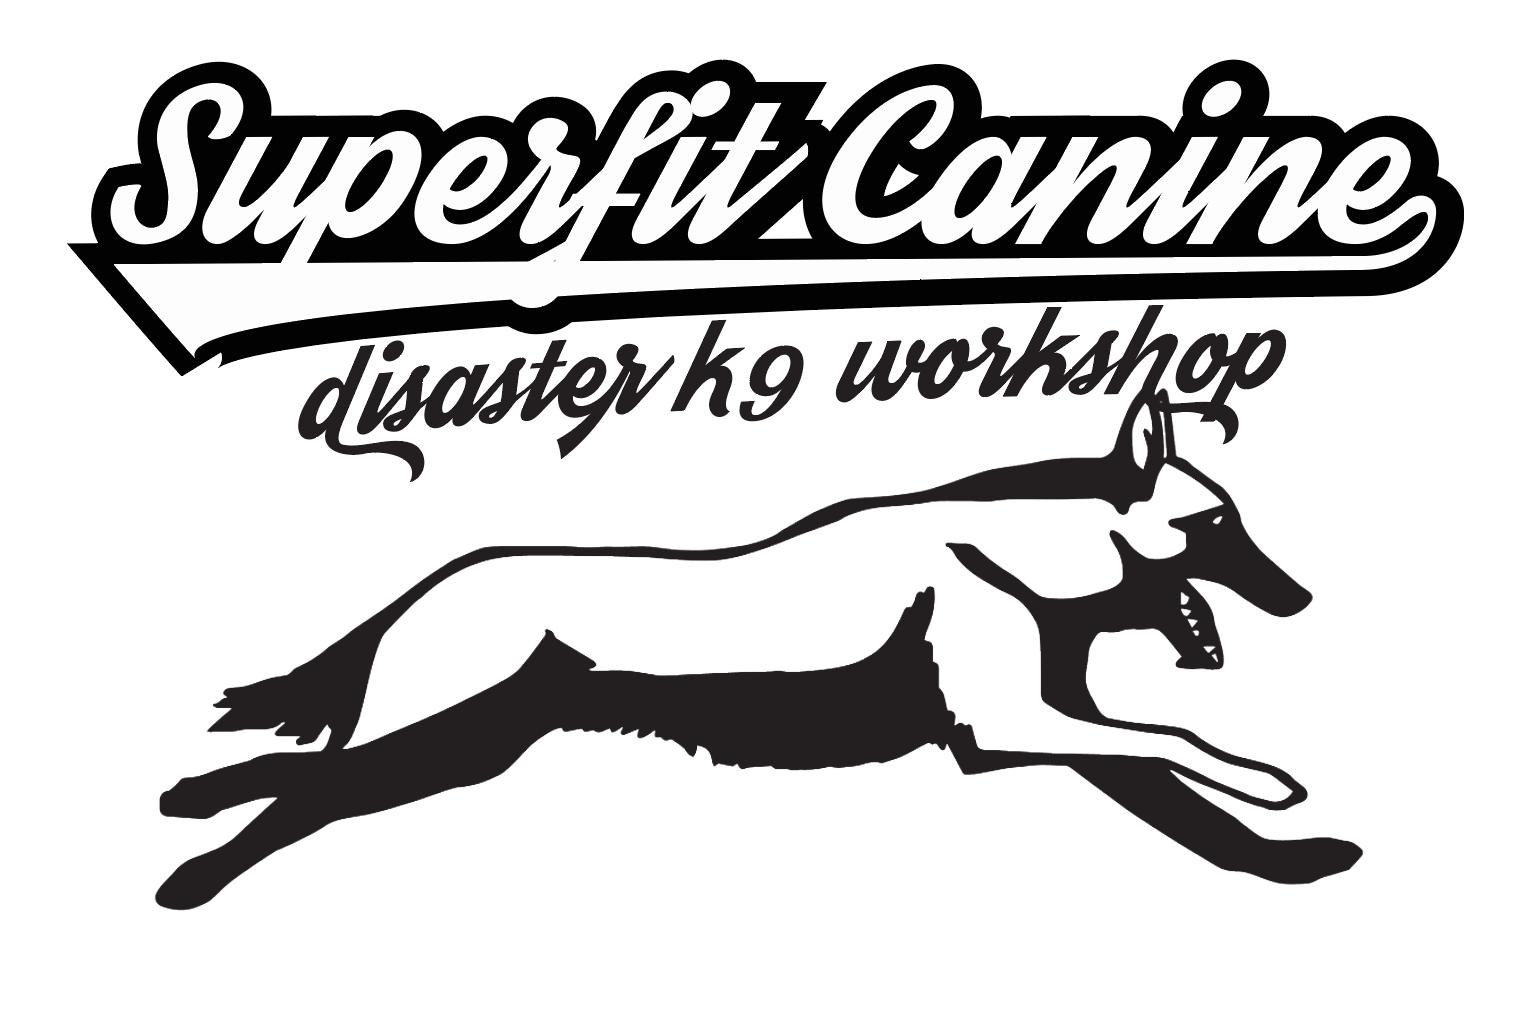 Disaster K9 Workshop